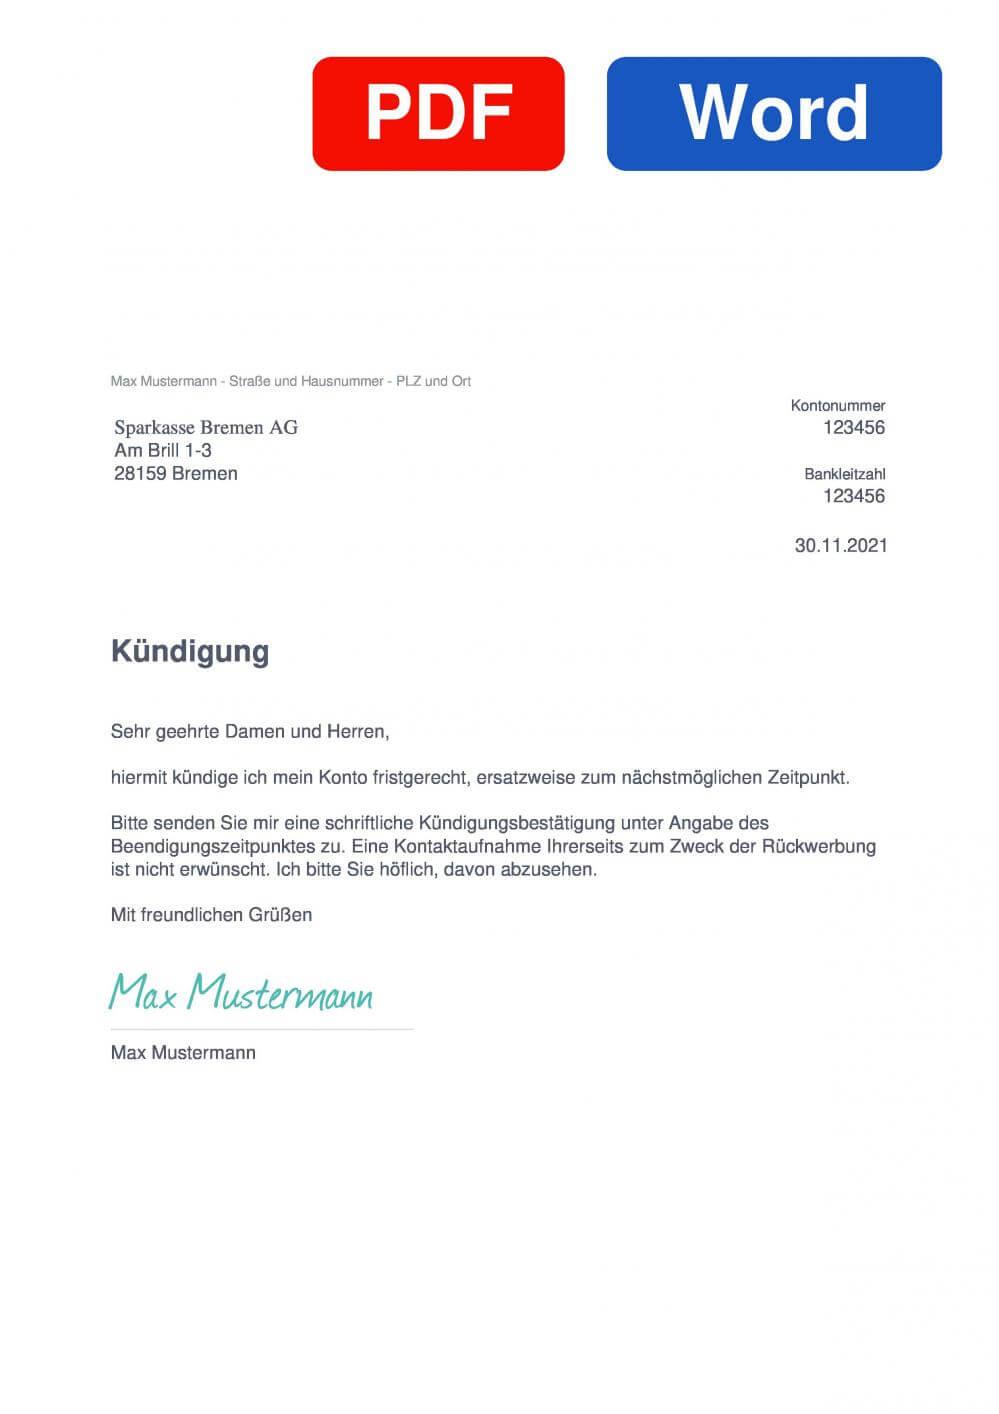 Sparkasse Bremen Muster Vorlage für Kündigungsschreiben